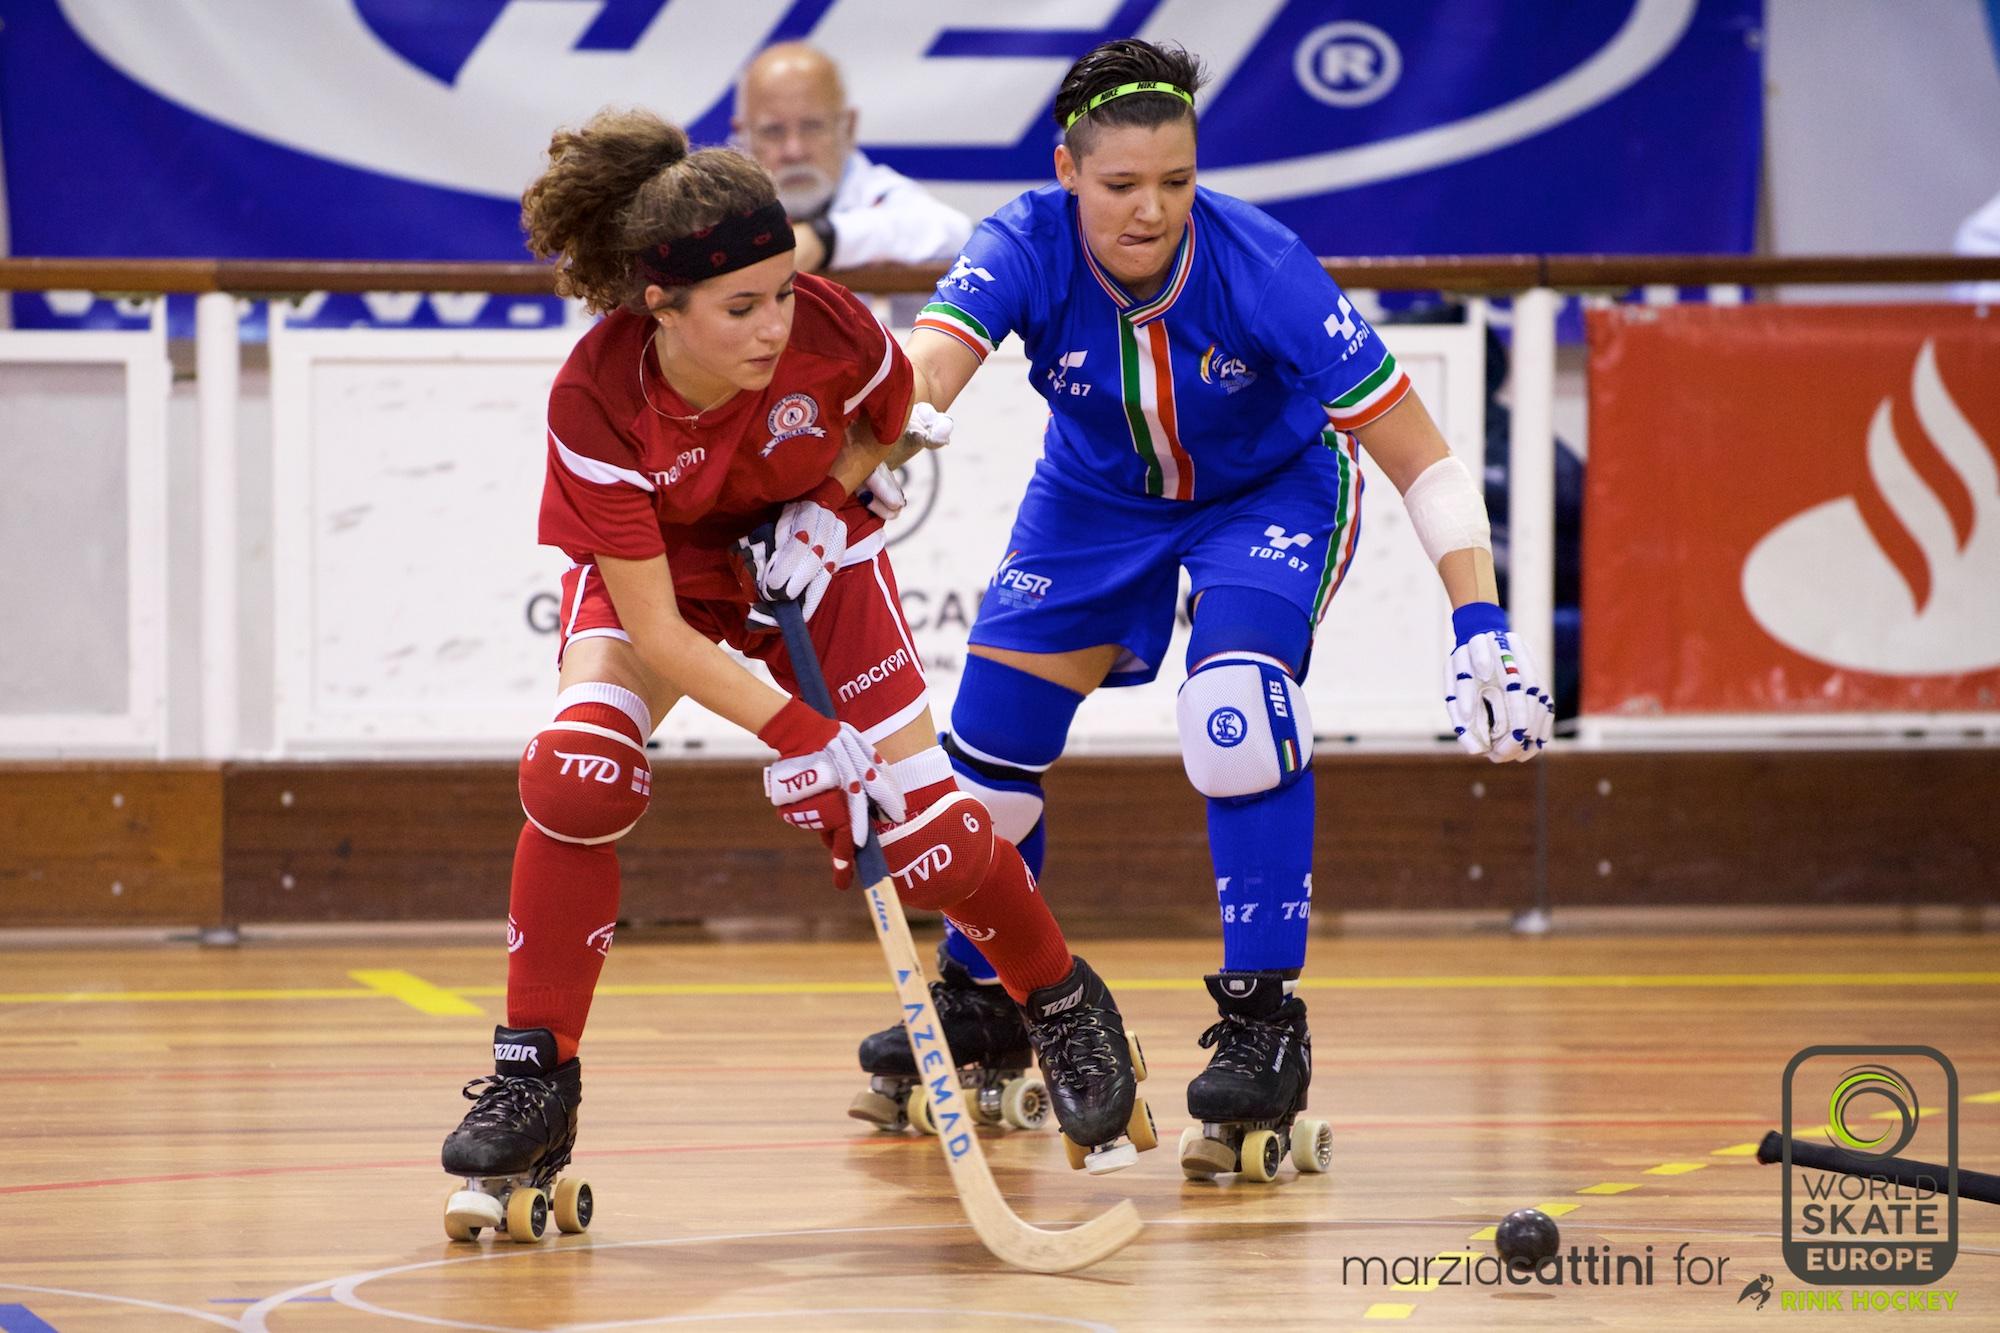 18-10-11_1-England-Italy24